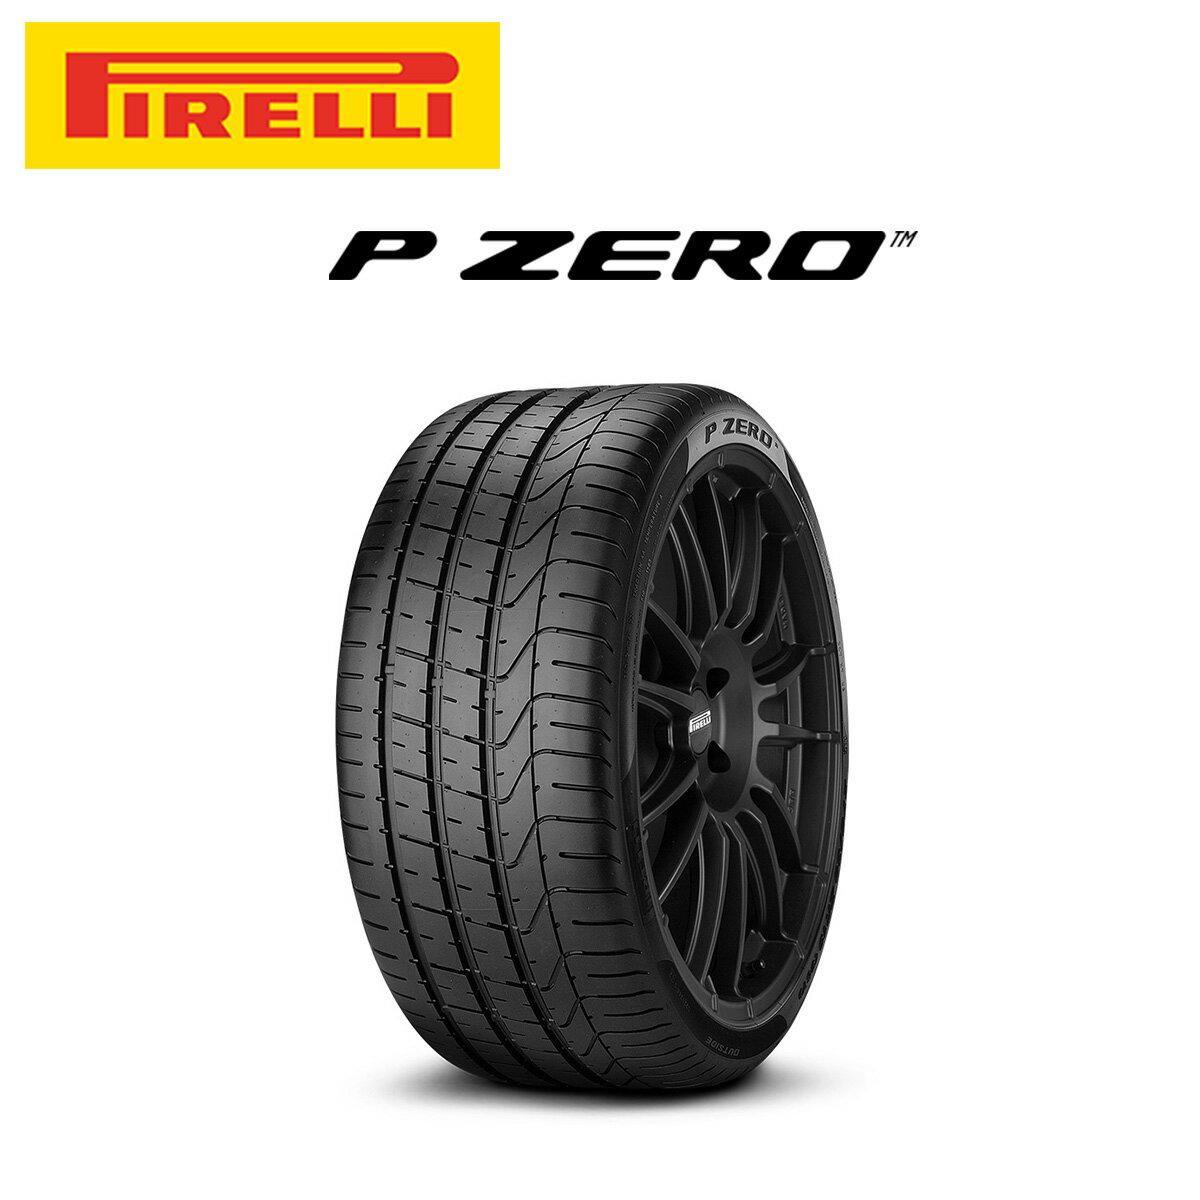 ピレリ PIRELLI P ZERO ピーゼロ 20インチ サマー タイヤ 4本 セット 255/35ZR20 97Y XL MO:メルセデスベンツ承認タイヤ 2563300